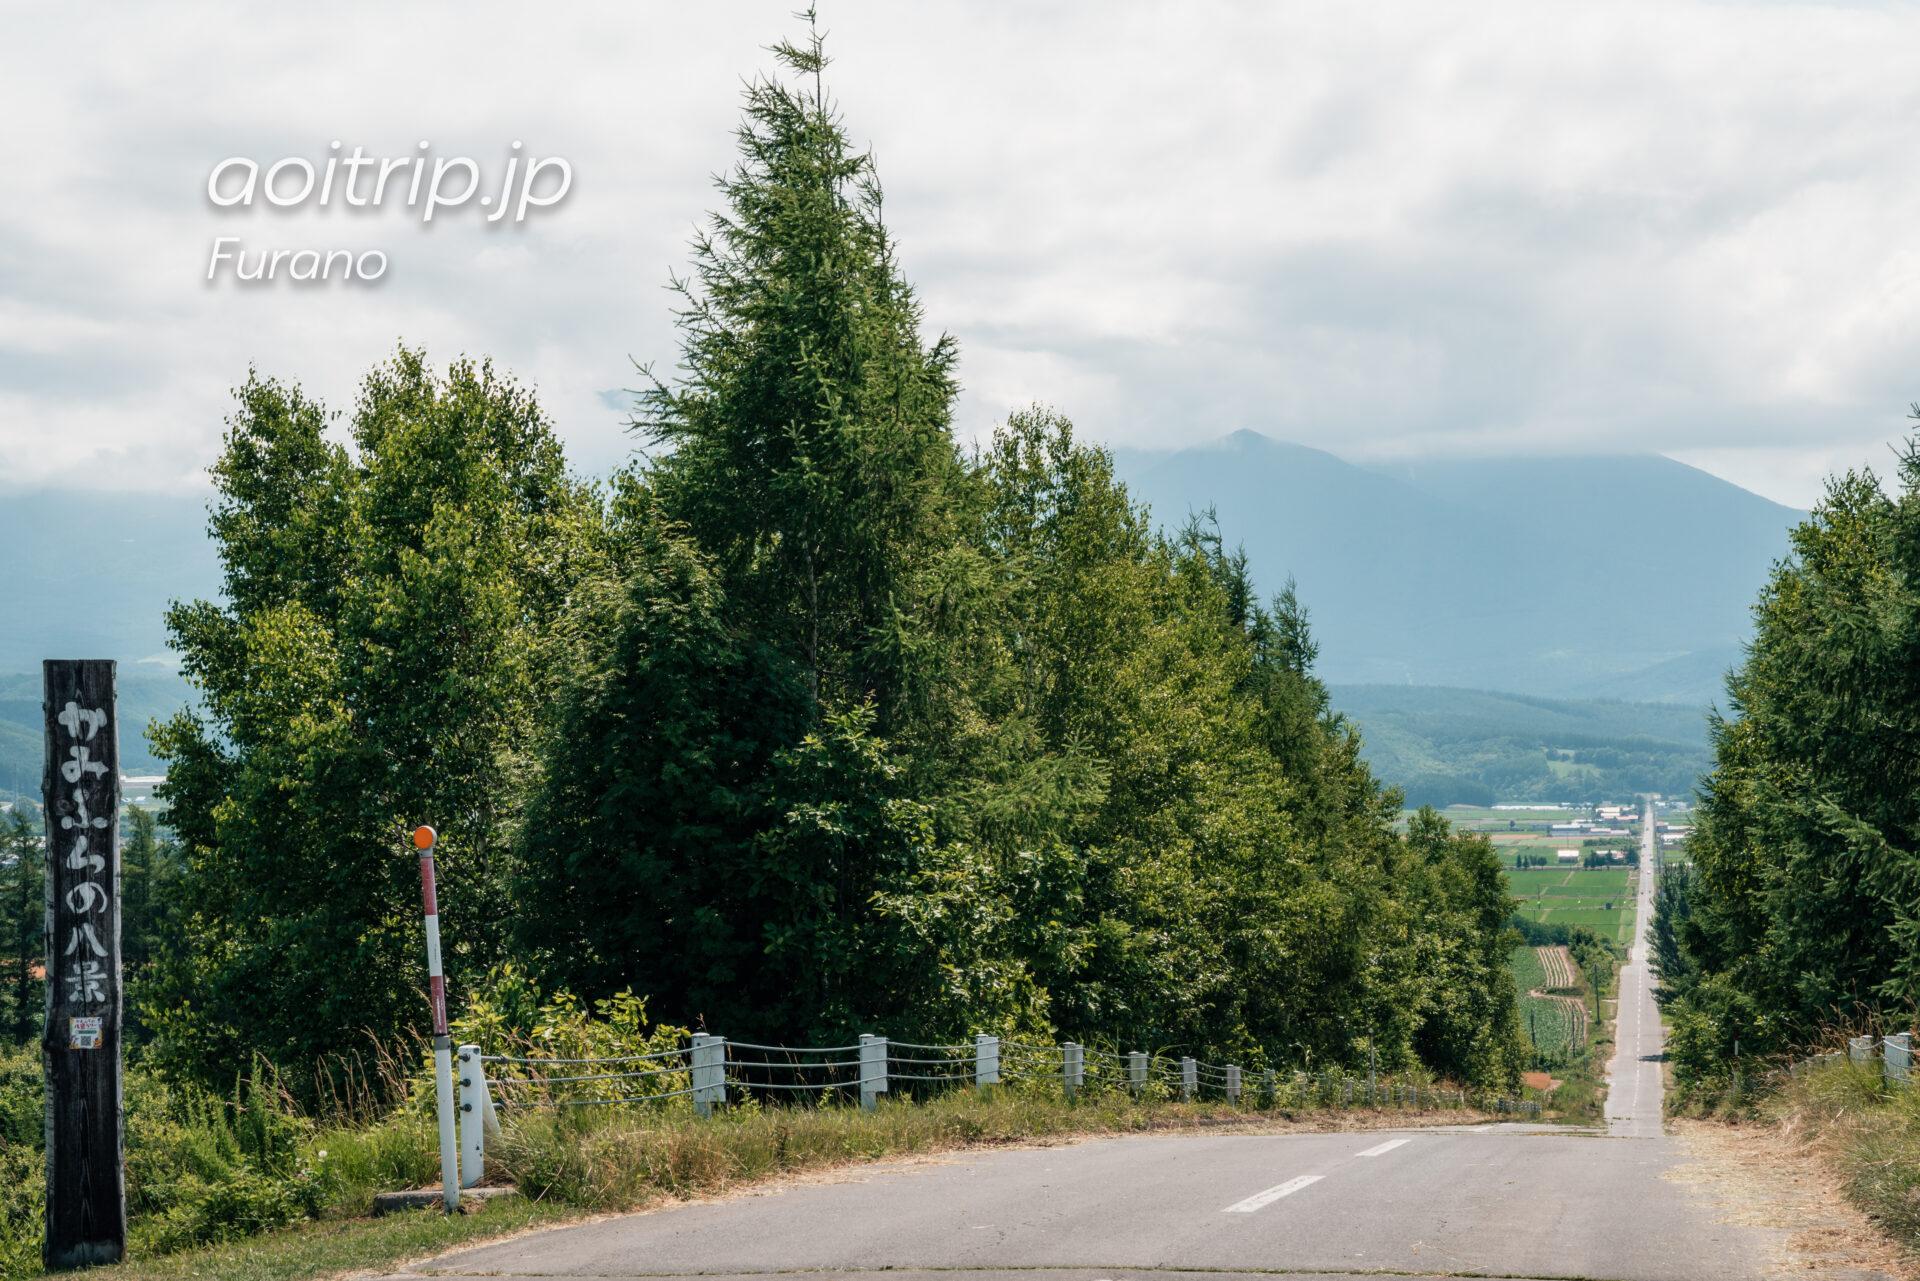 パノラマロード江花 上富良野 Panorama Road Ehana, Kamifurano